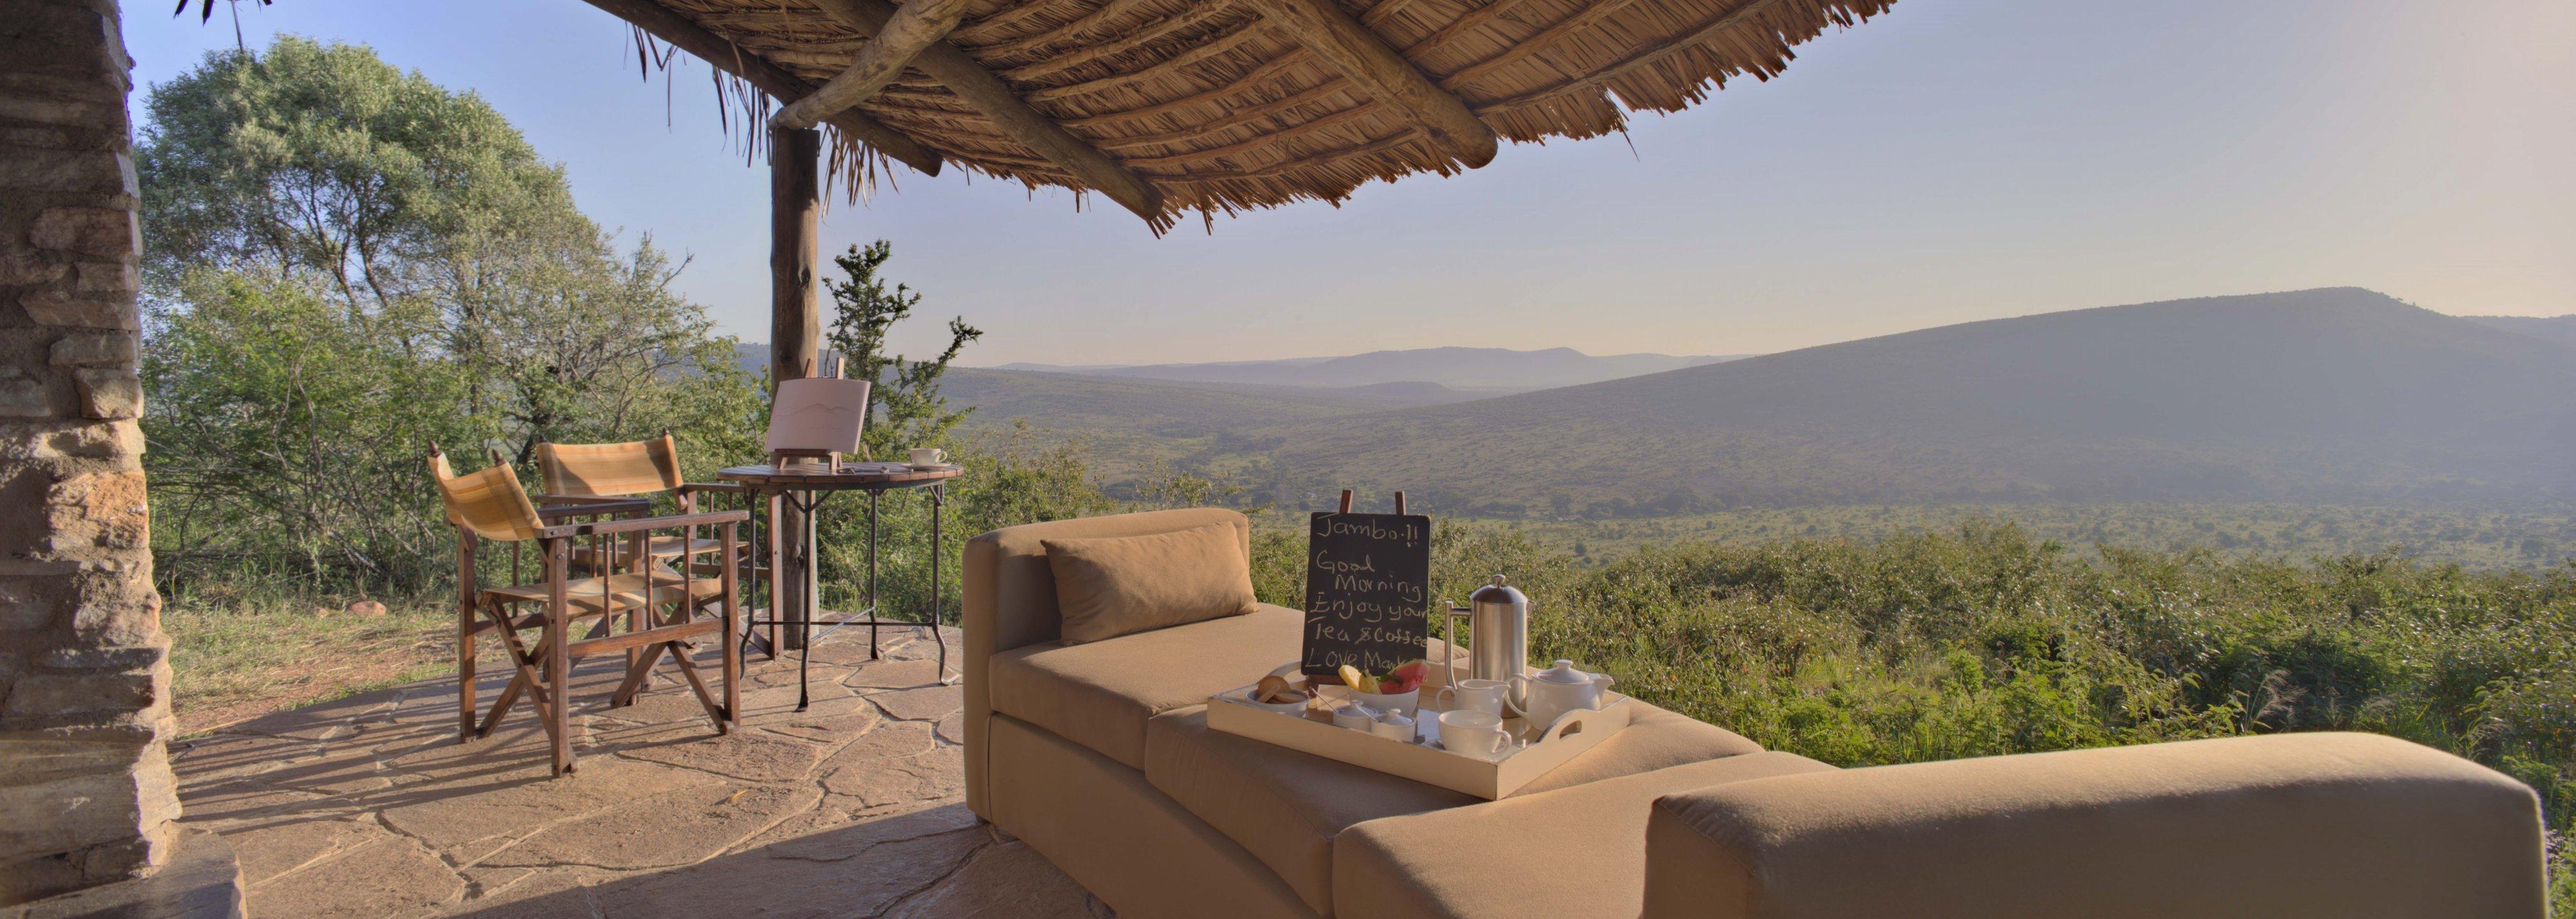 kleins-camp-luxury-cottage